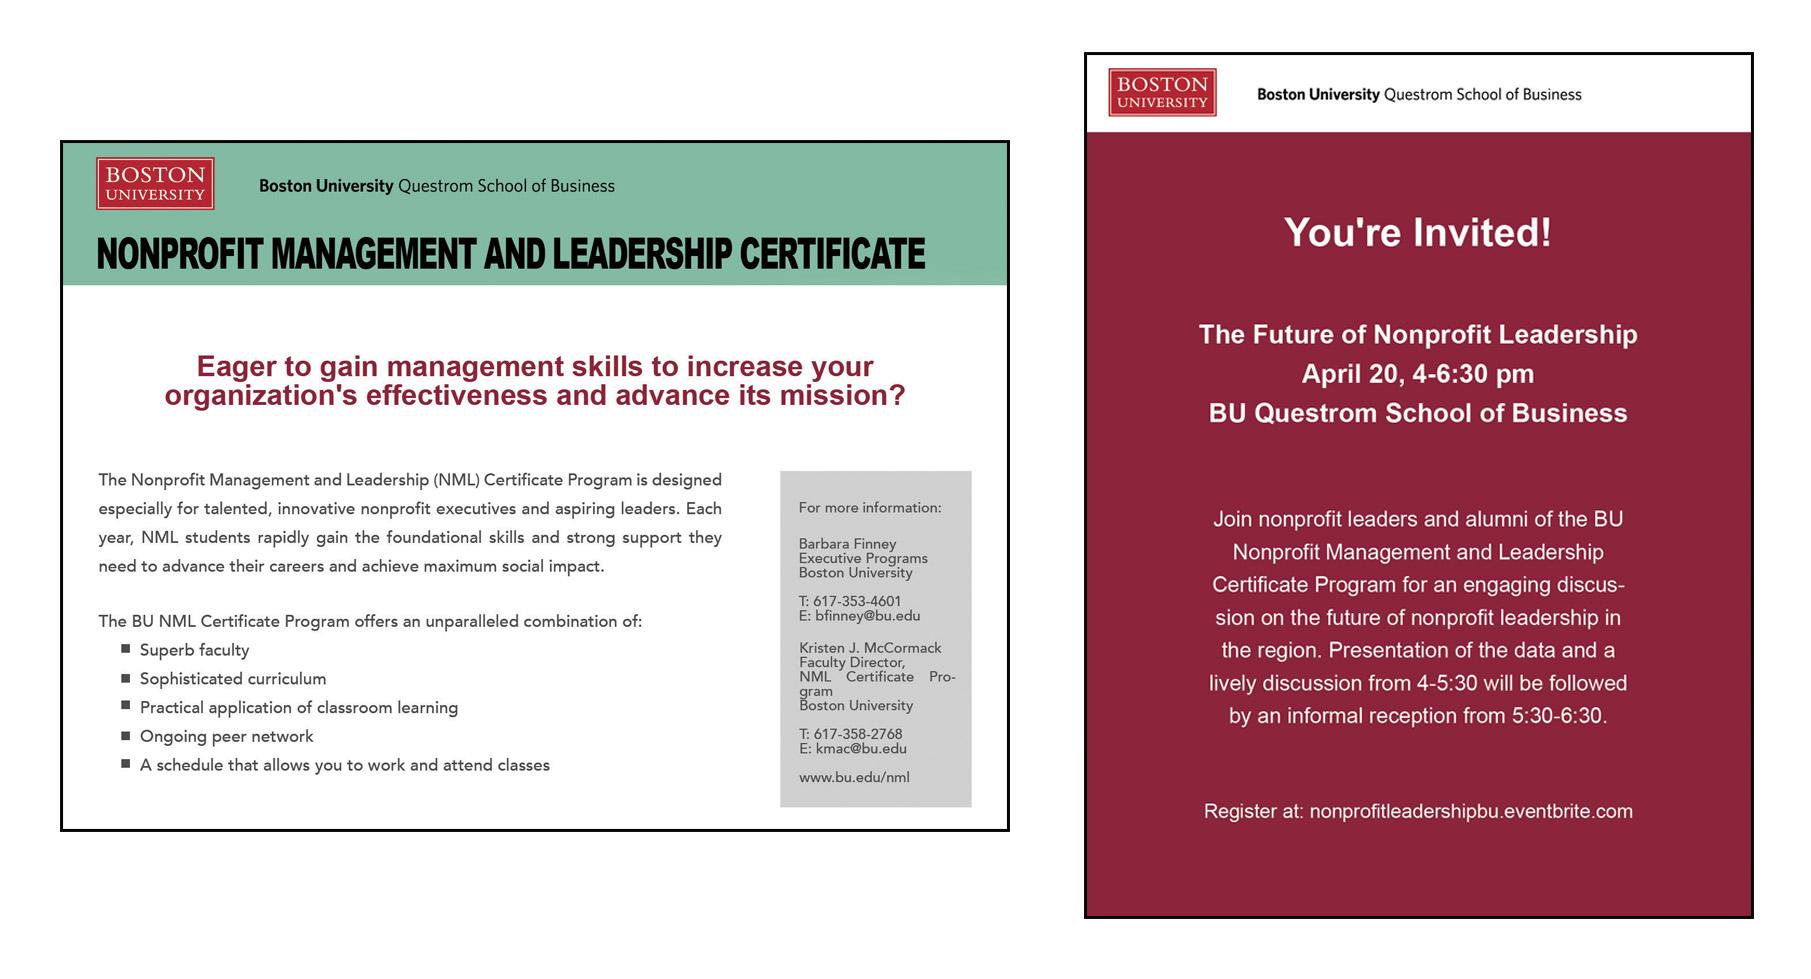 BU Non-Profit Management Info Card, 2016